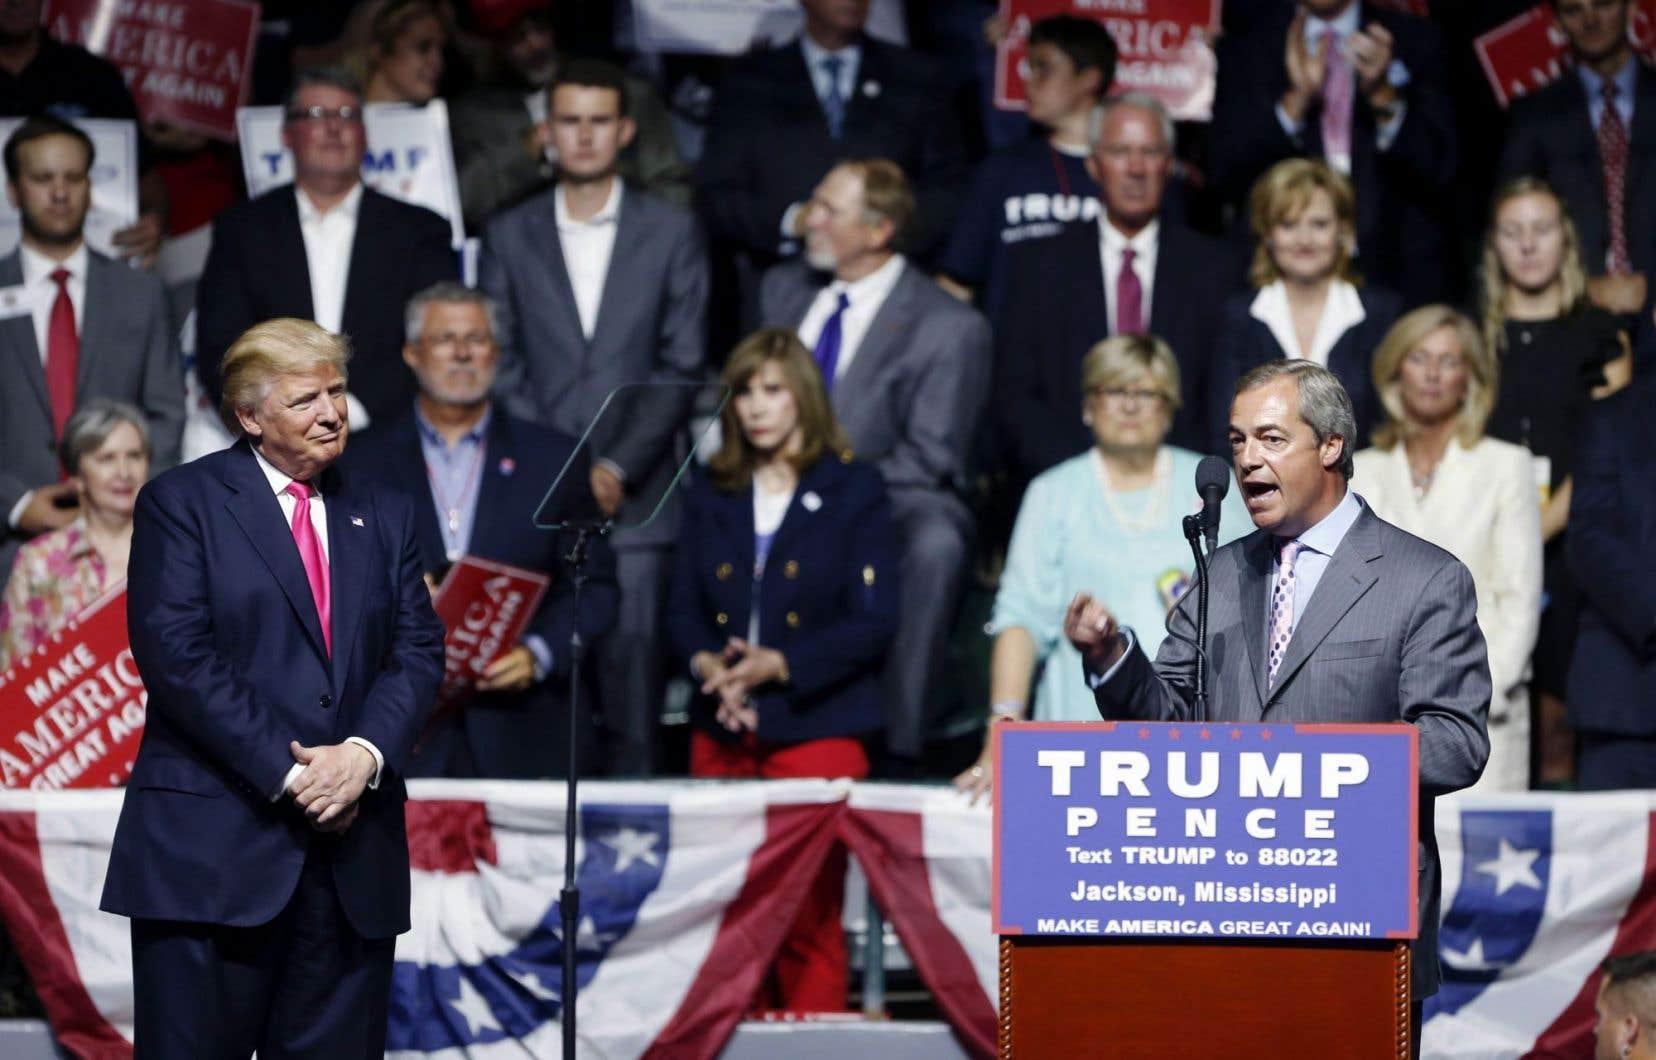 Le politicien britannique pro-Brexit Nigel Farage s'adressant à la foule lors d'un rassemblement partisan de Donald Trump à Jackson, au Mississippi, le 24 août dernier